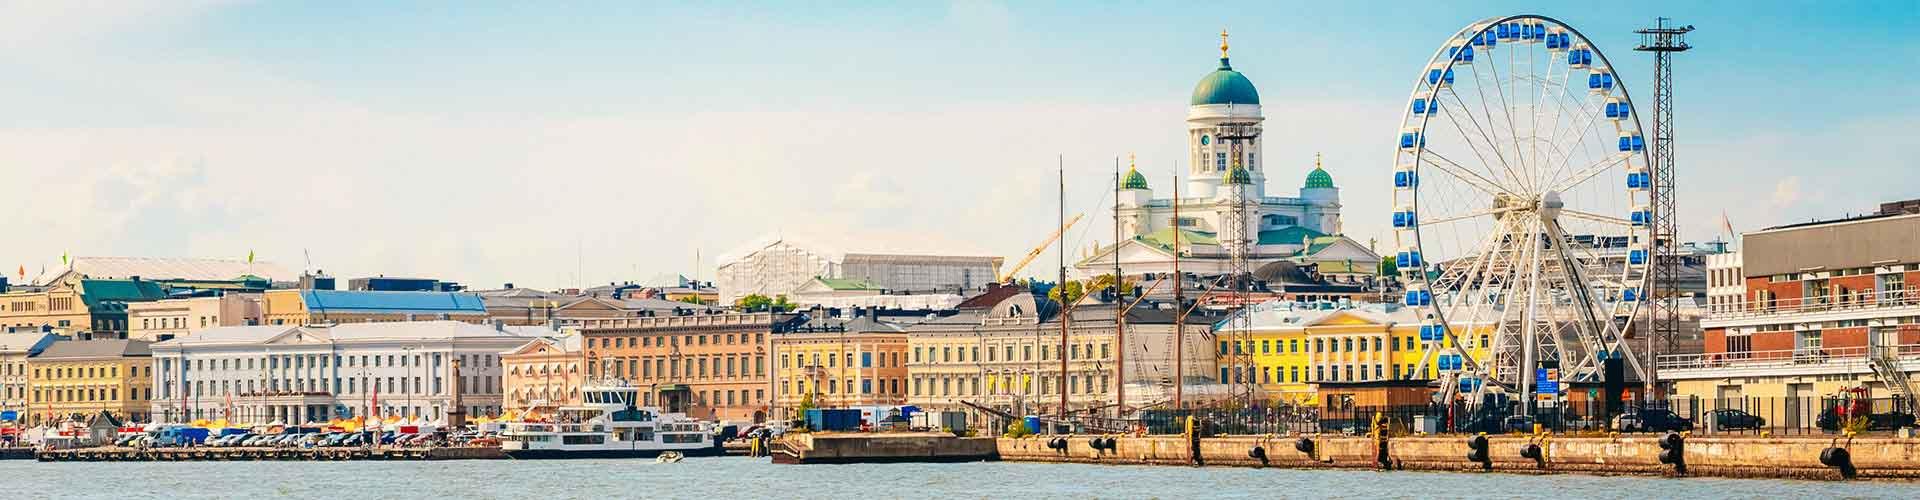 Helsinki - hotely v Helsinki. Mapy pro Helsinki, fotky a recenze pro každý hotel - Helsinki.